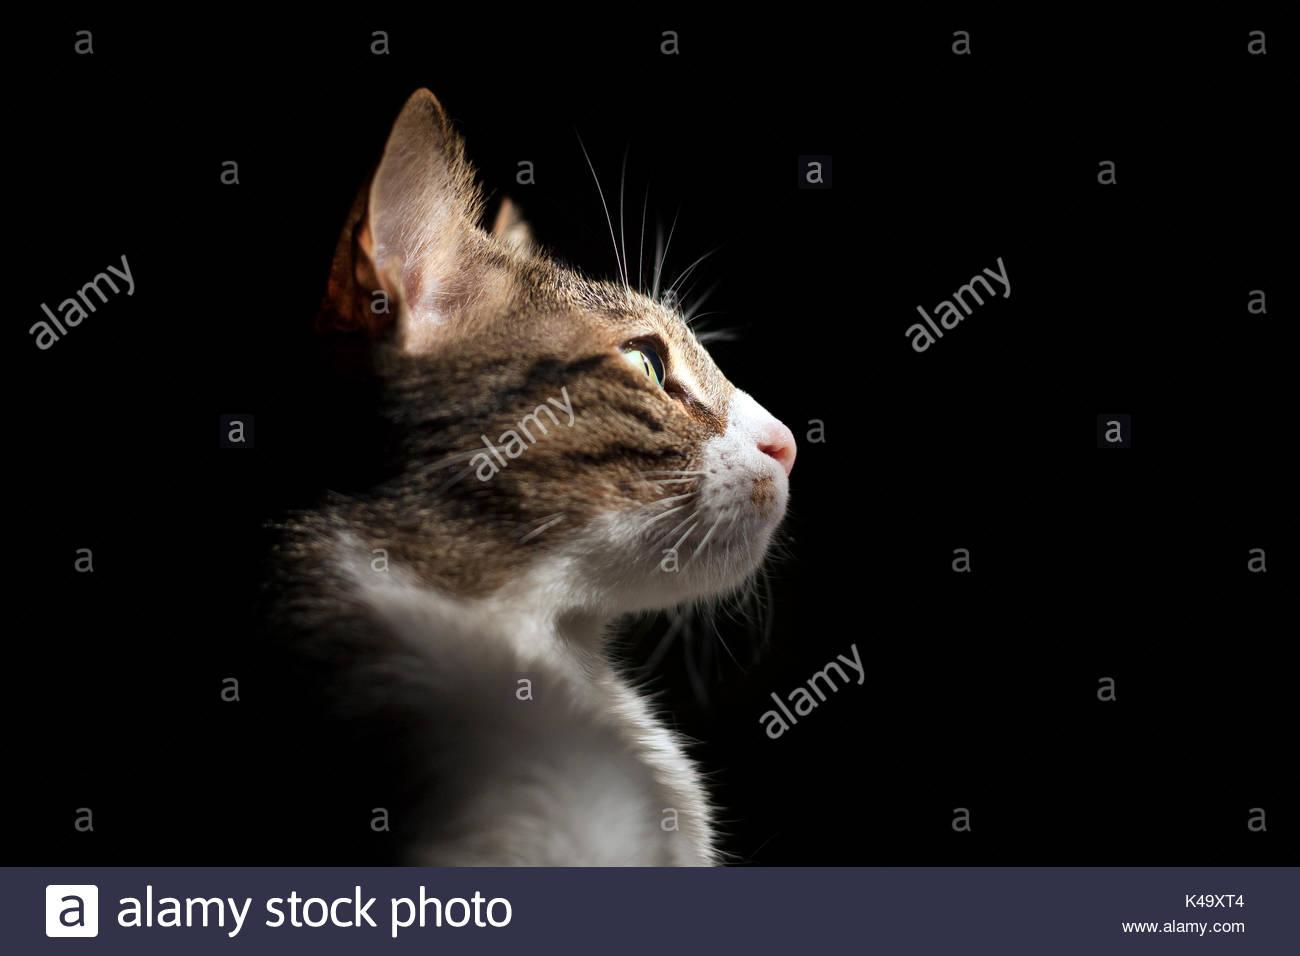 Ritratto di profilo di un gatto su sfondo nero Immagini Stock